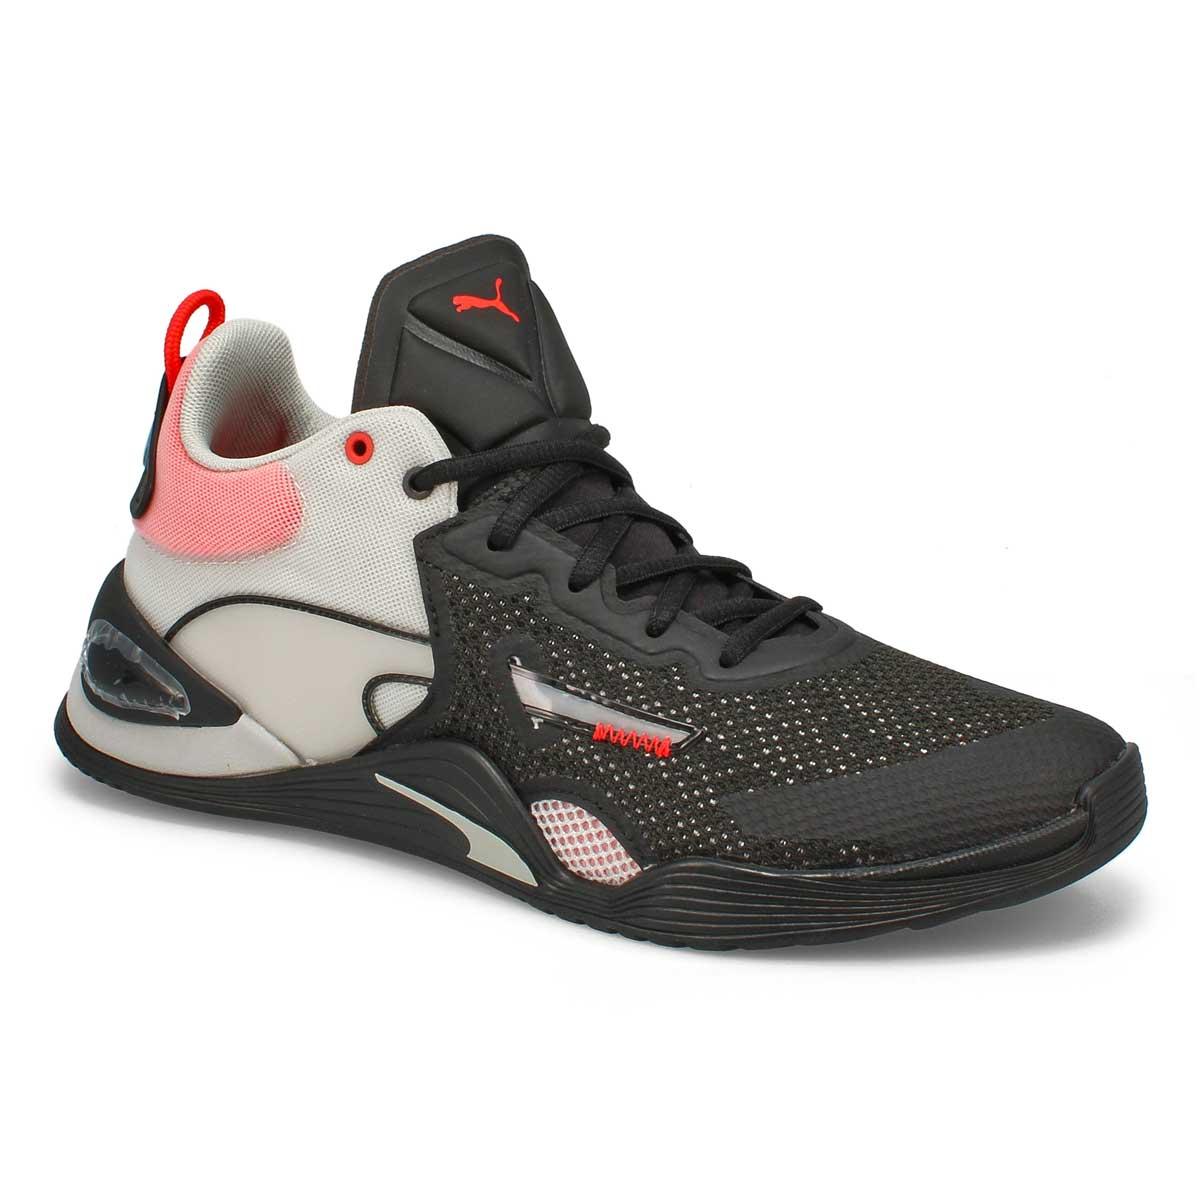 Men's Fuse Sneaker - Black/ Poppy Red /Grey